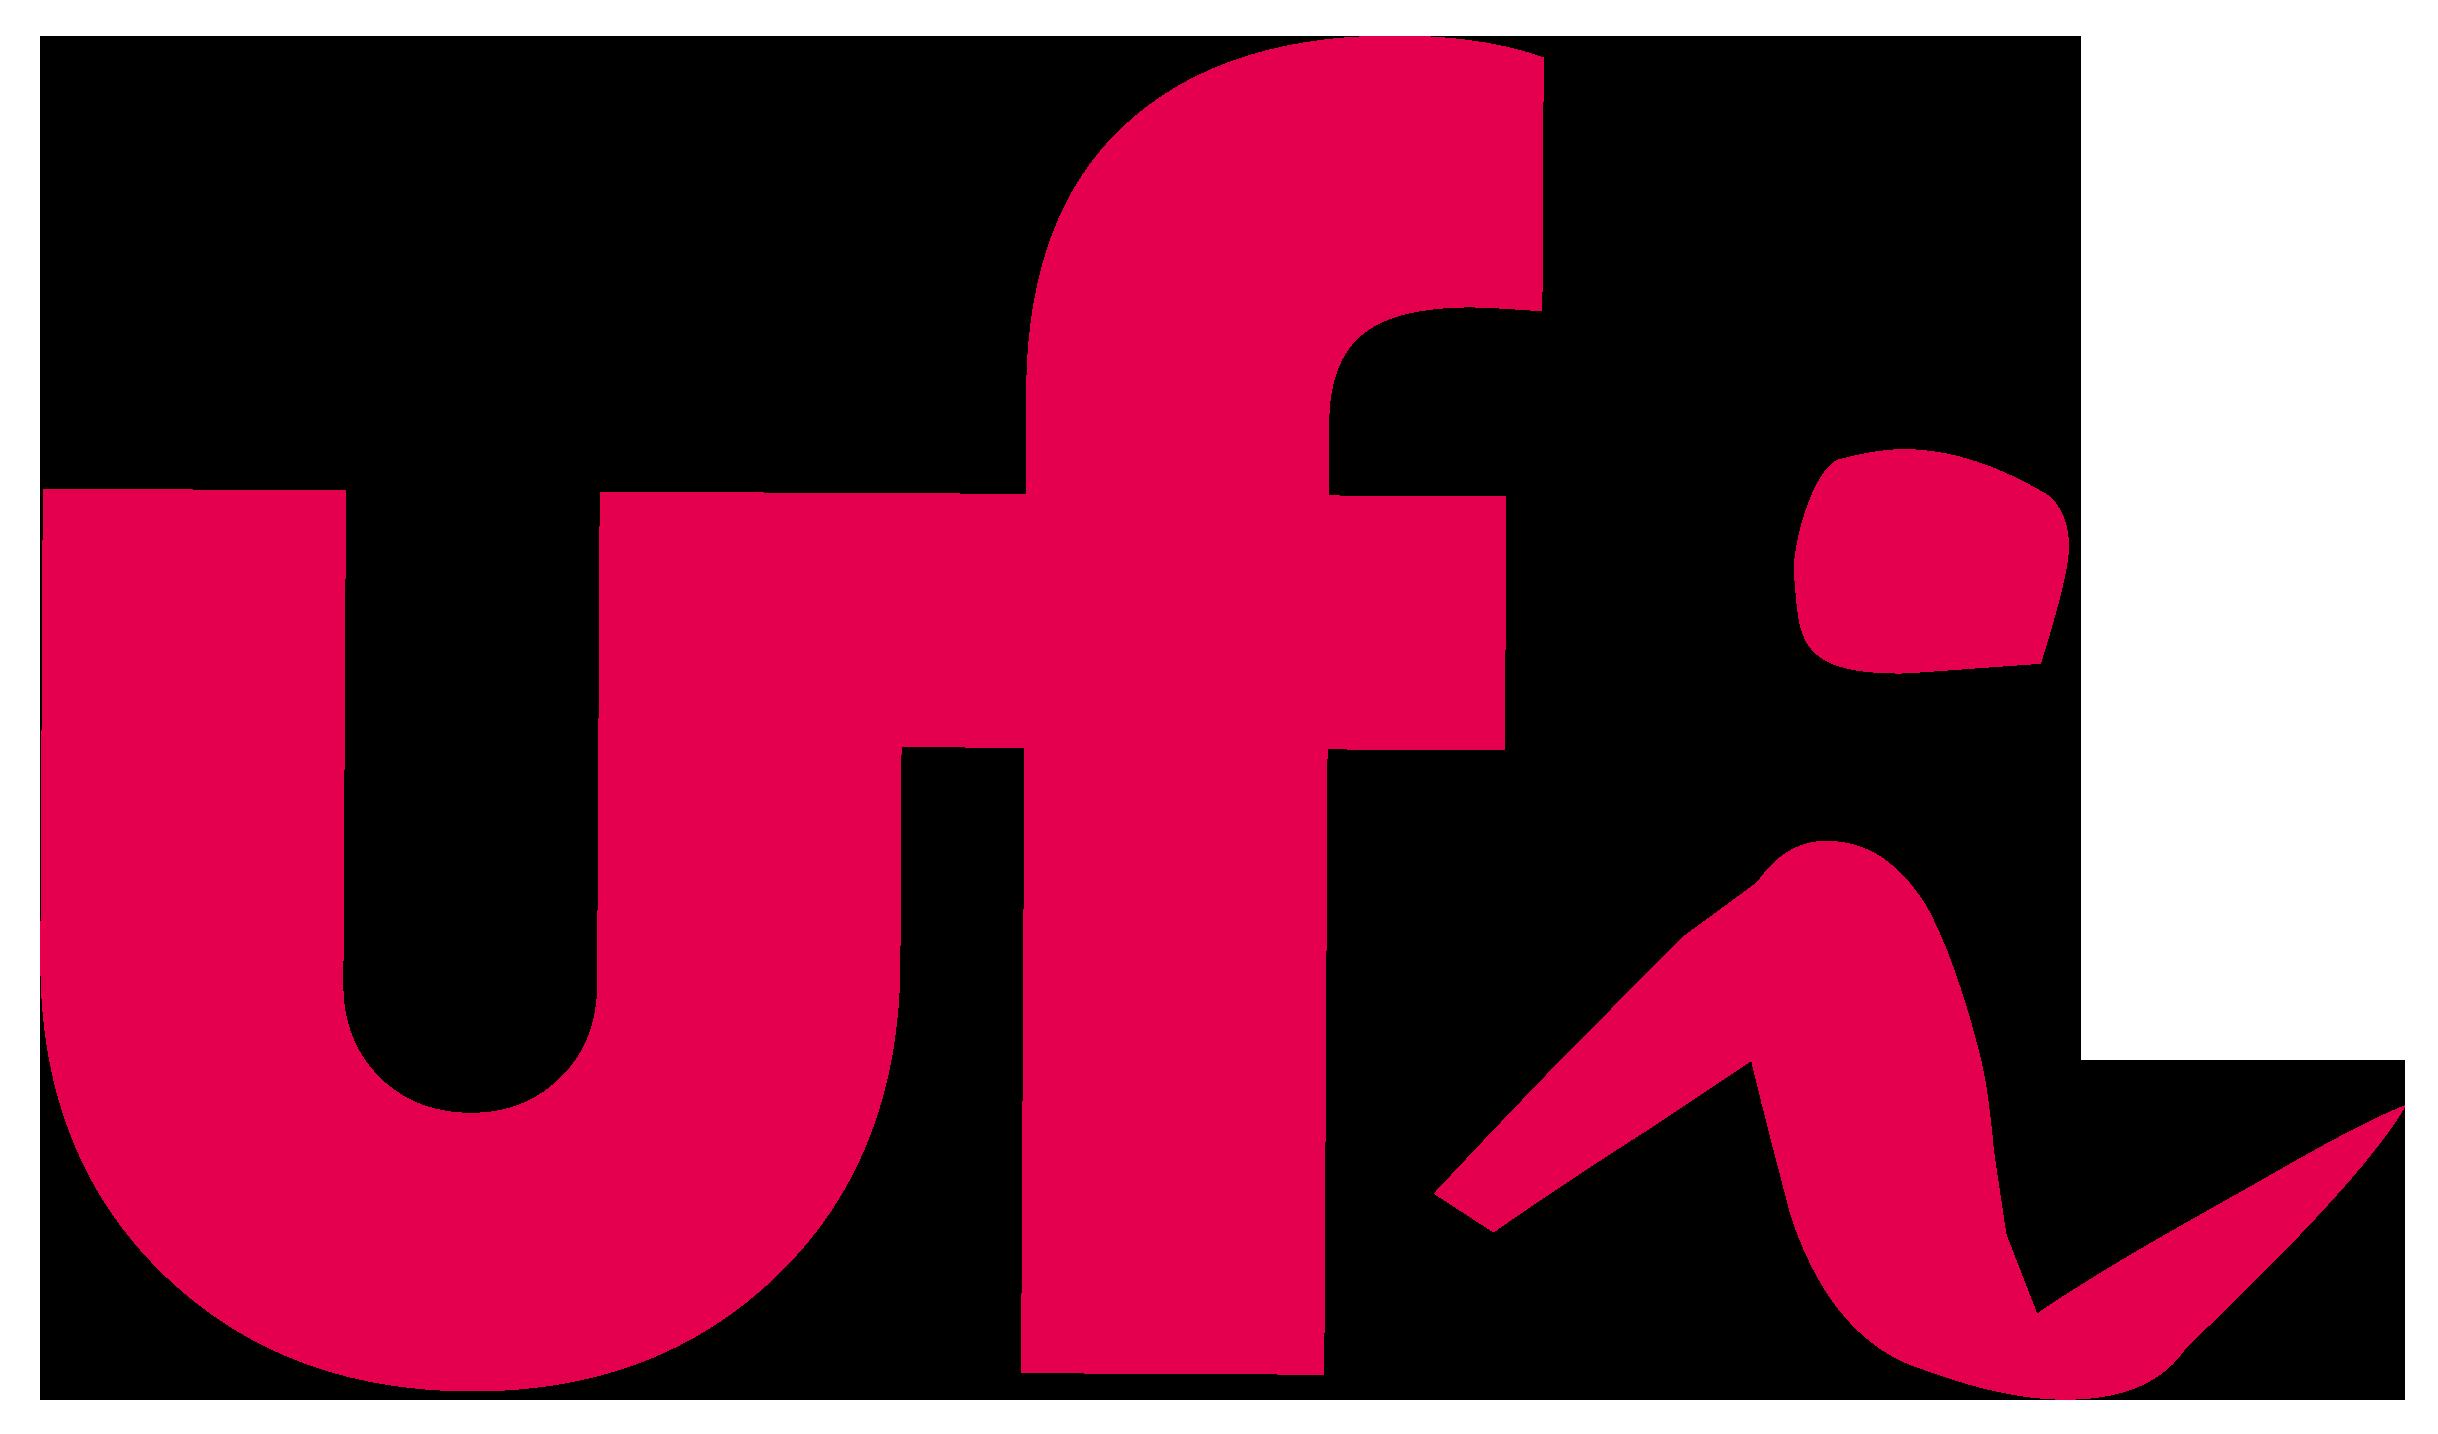 Unión Fonográfica Independiente